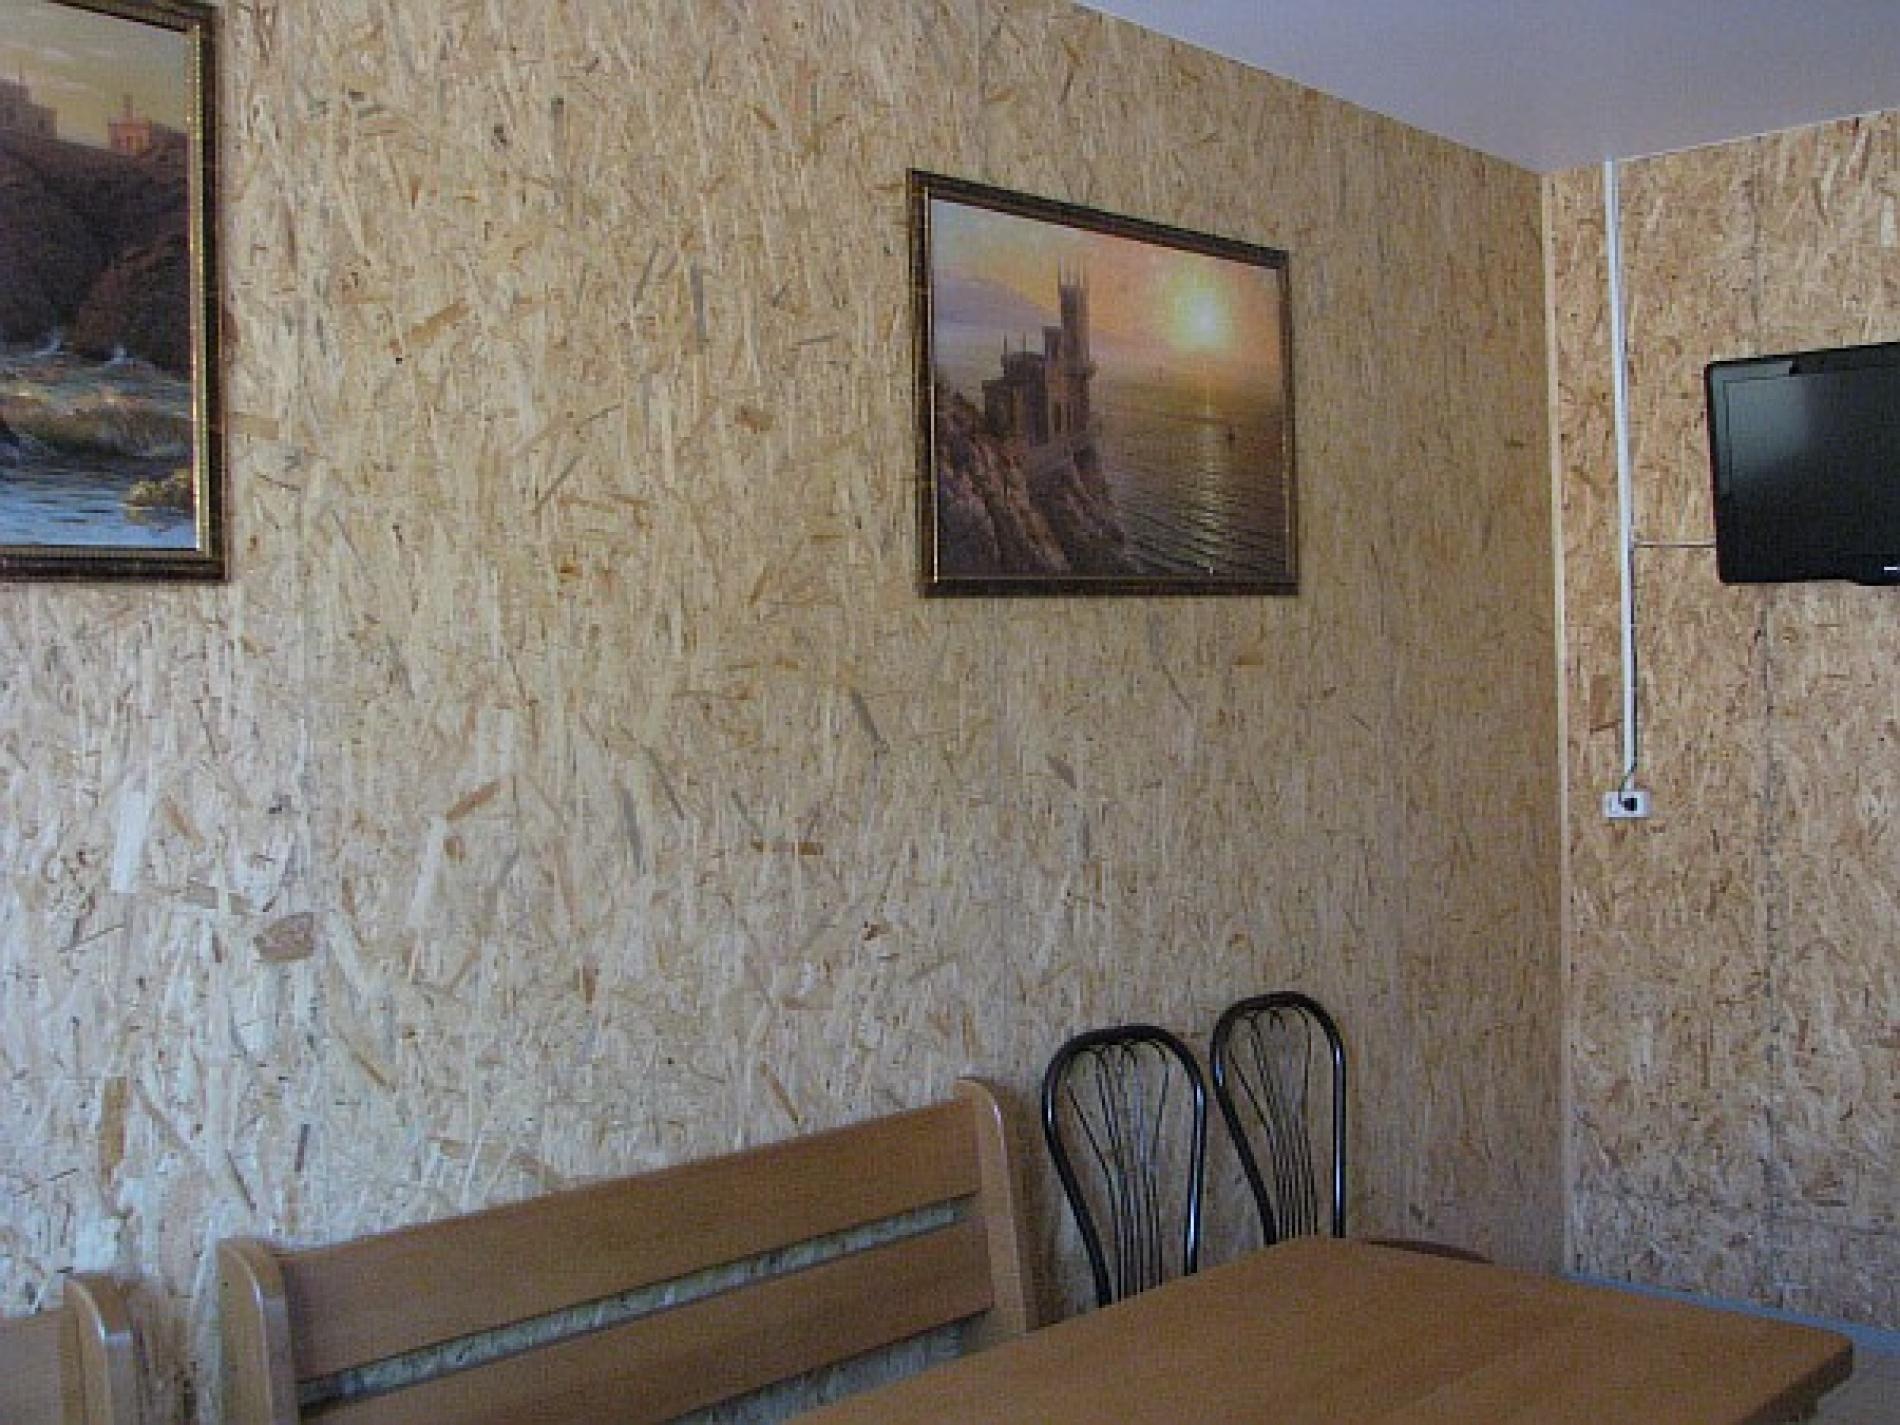 """База отдыха """"Экстрим-Парк"""" Оренбургская область Гостиничный номер """"стандарт"""" (на 3 человека), фото 2"""